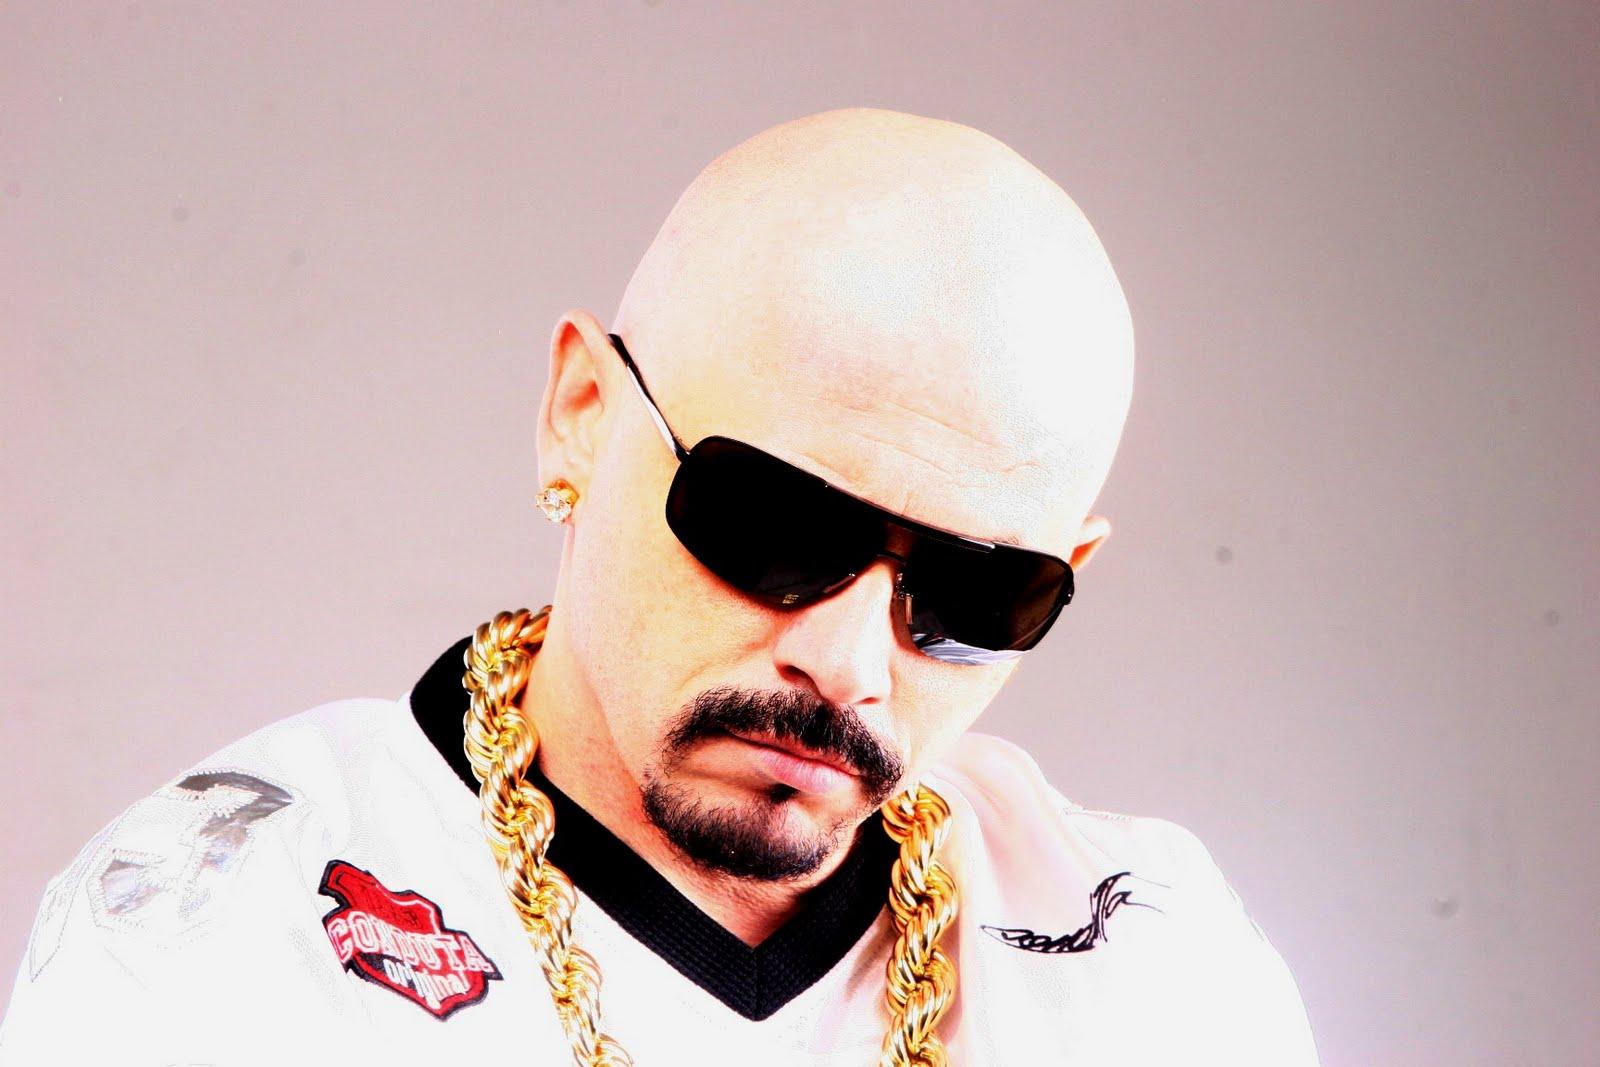 BAIXAR MUSICA DJ ALPISTE INIMIGO